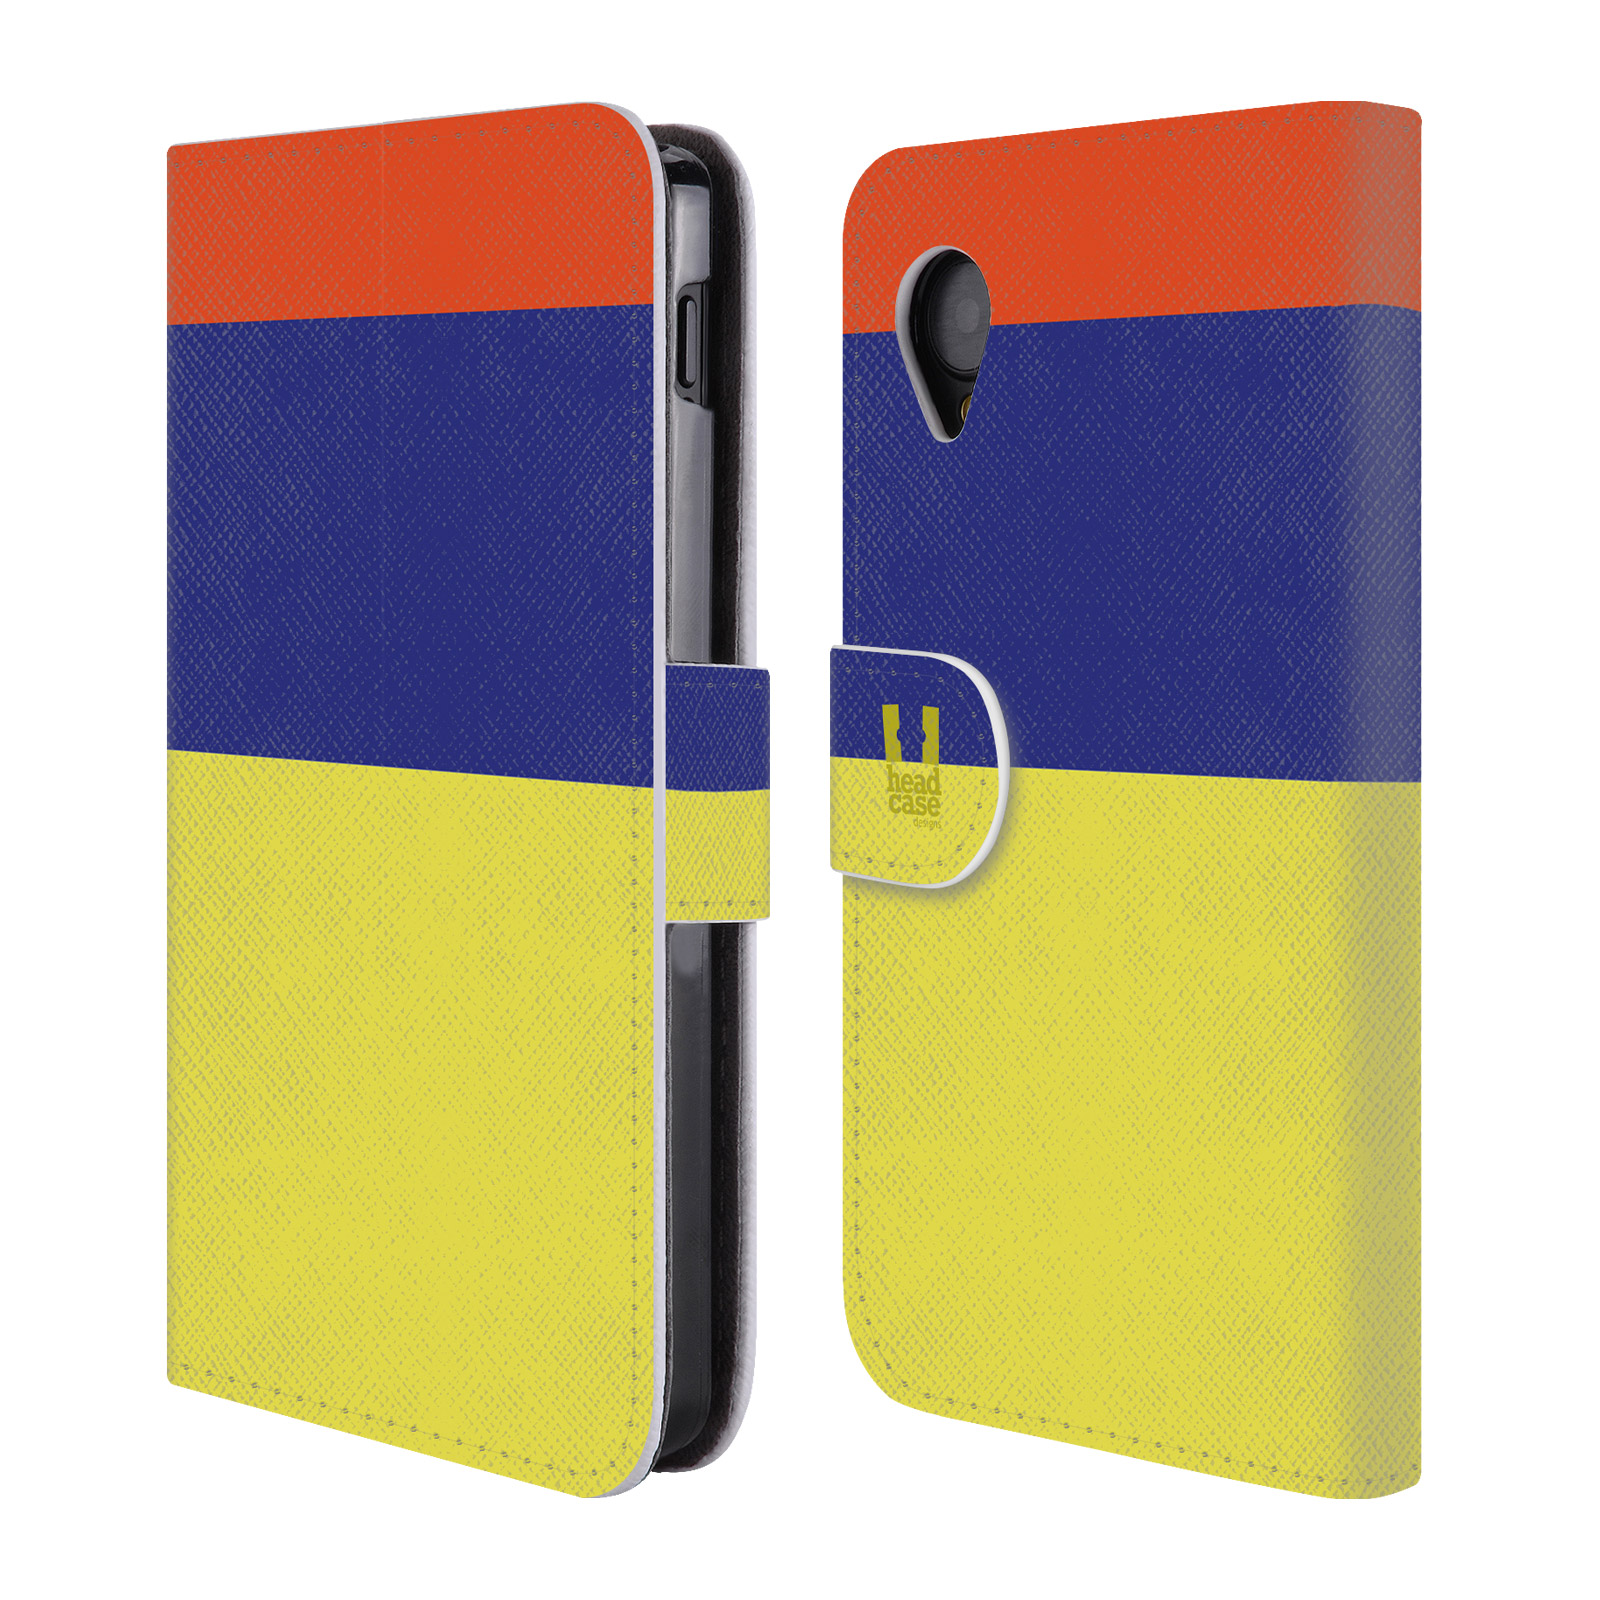 HEAD CASE Flipové pouzdro pro mobil LG GOOGLE NEXUS 5 barevné tvary žlutá, modrá, červená